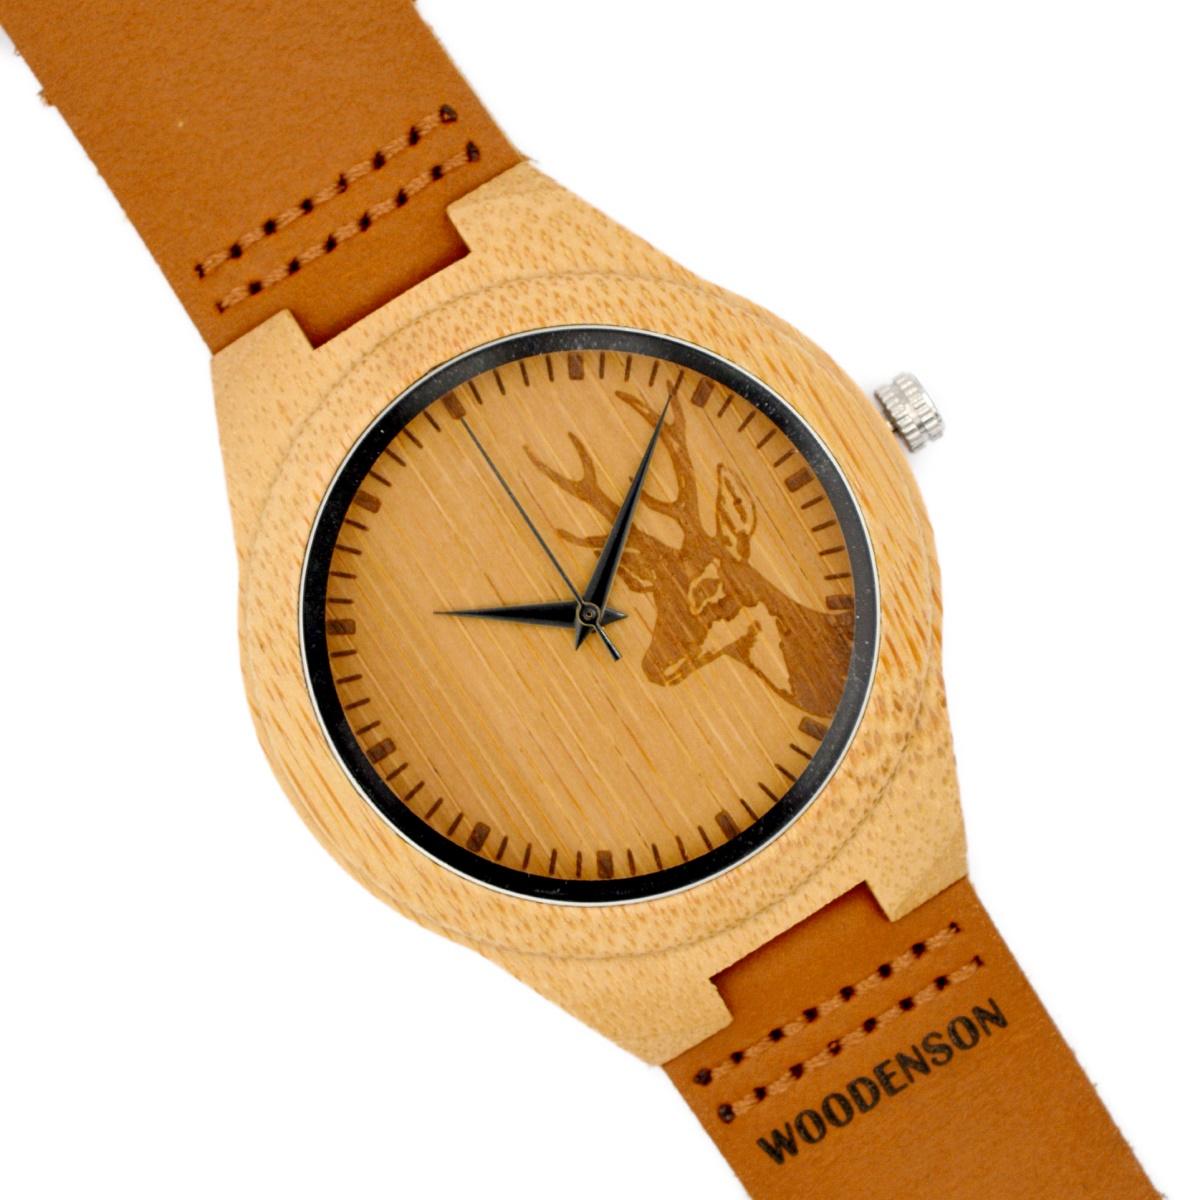 Geyik Serraje Modelo Con Correa Madera De Reloj 0wX8nkOP